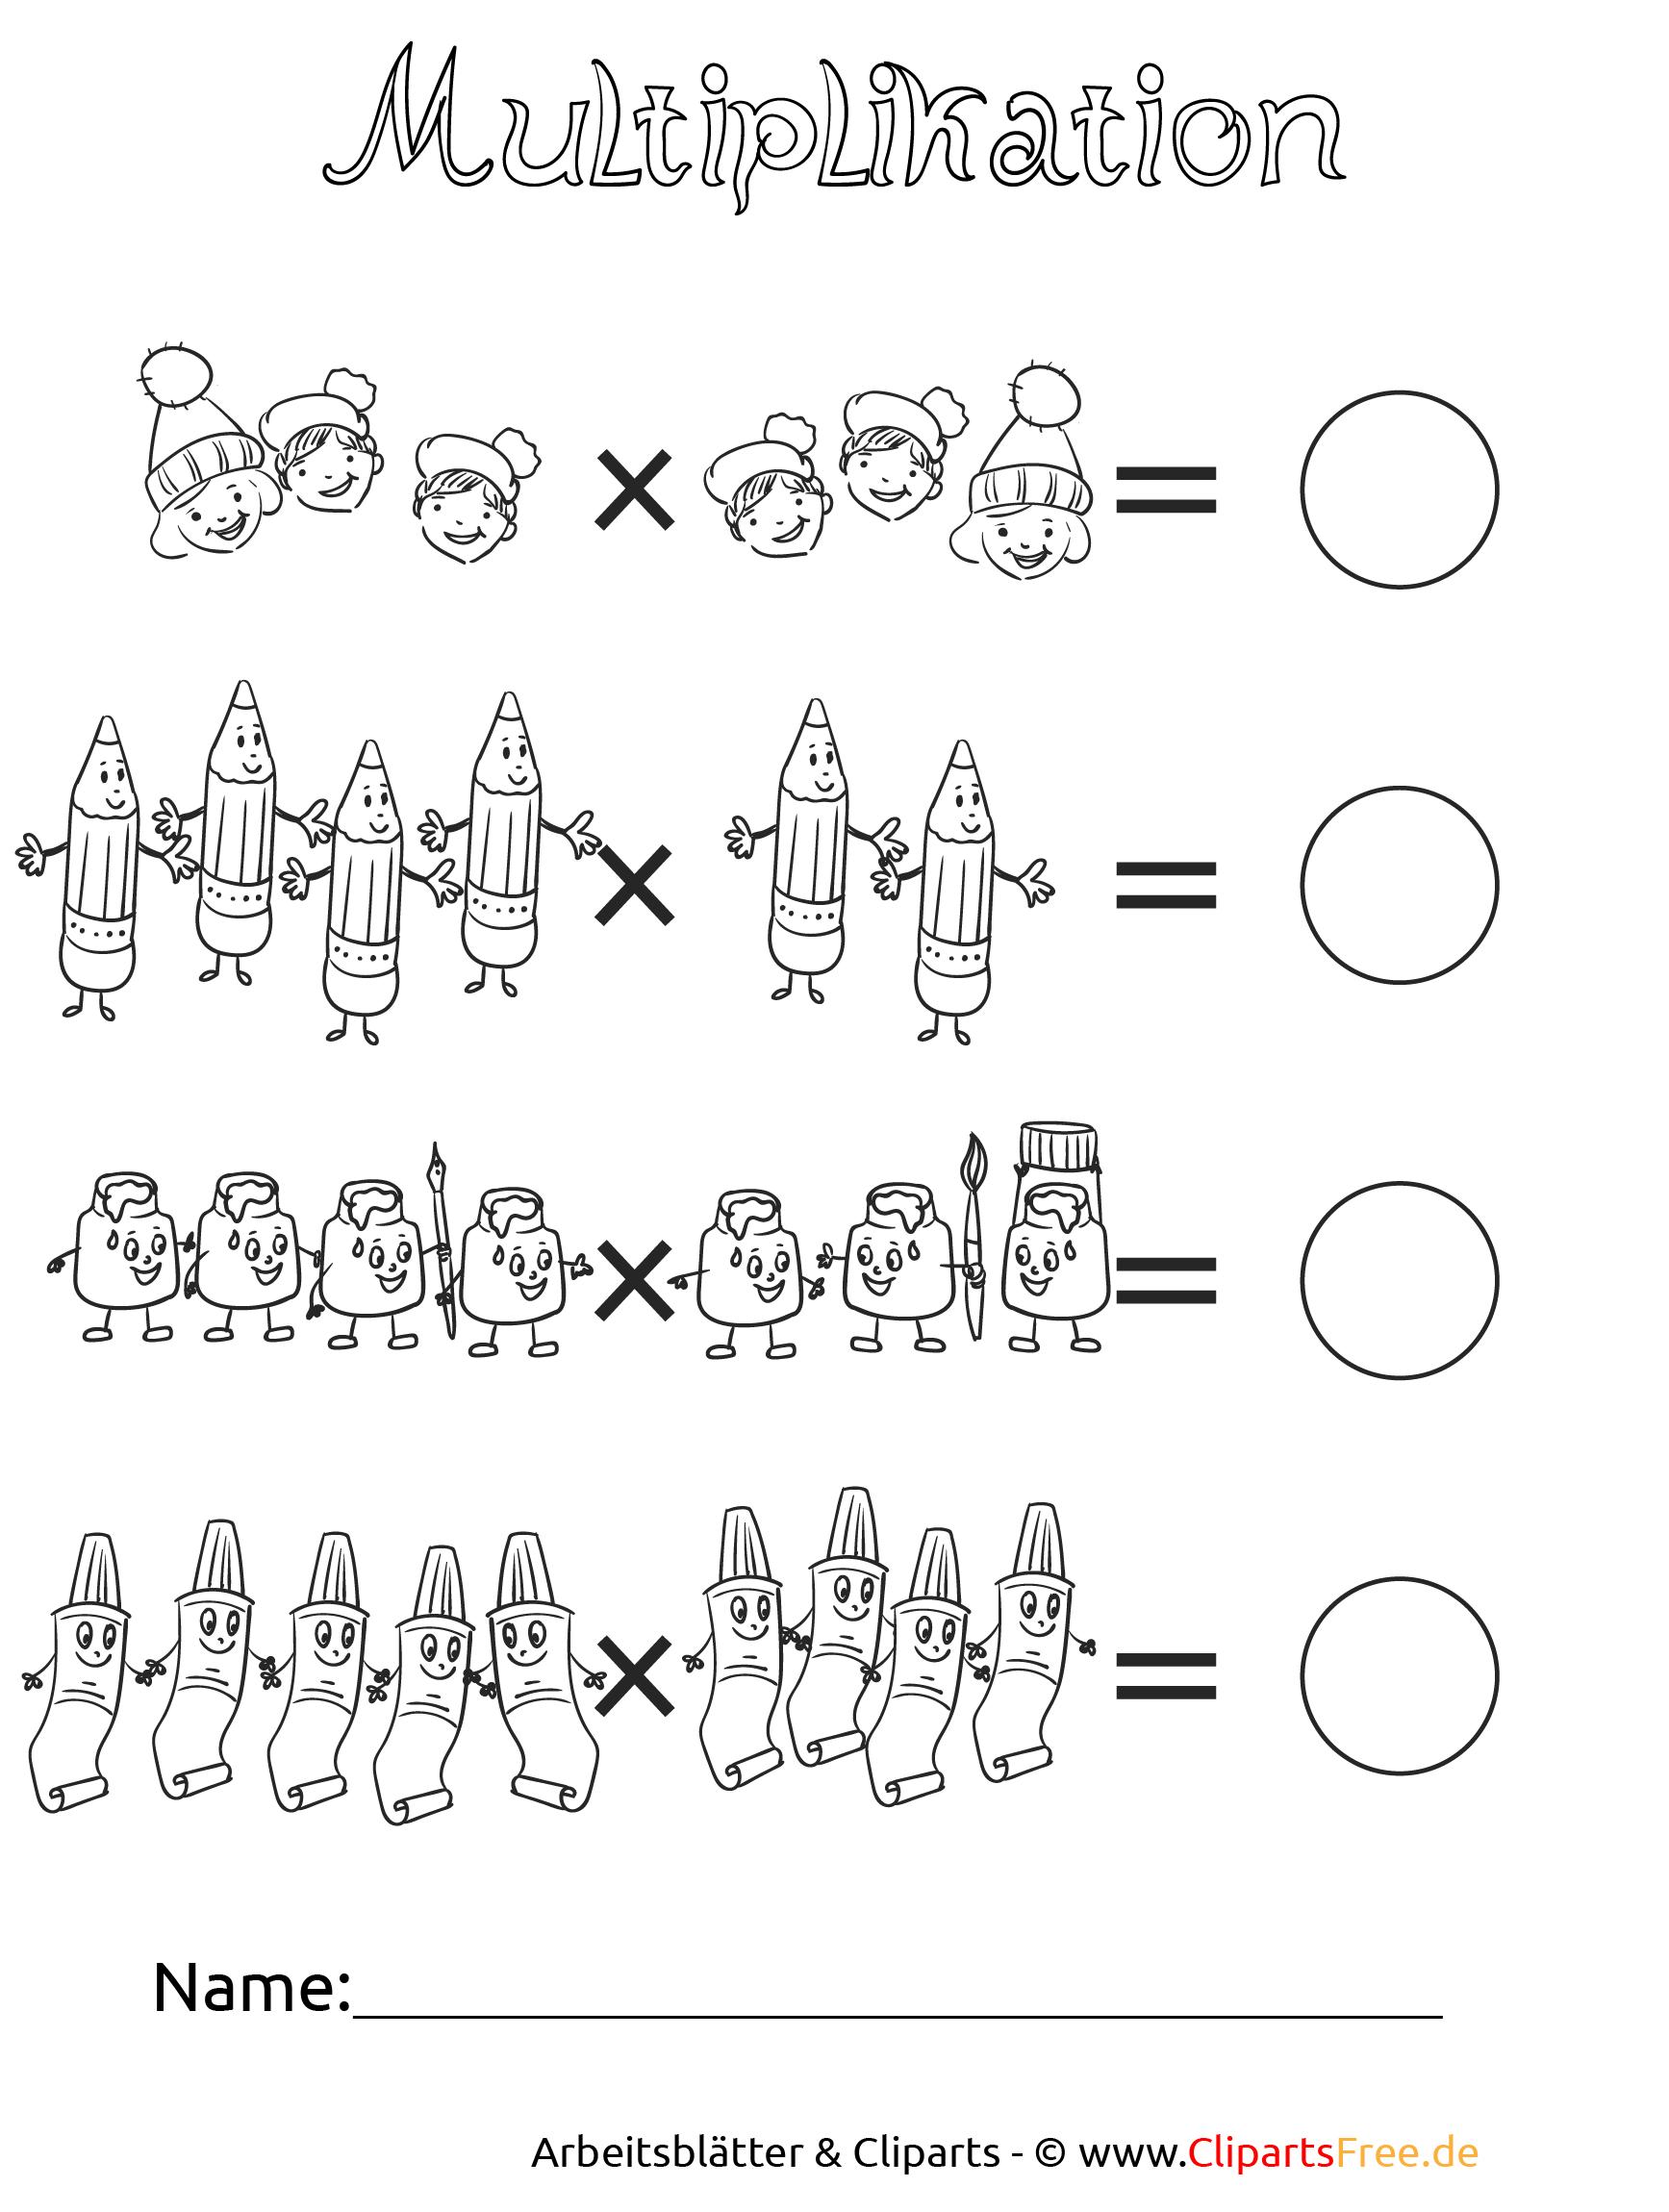 Arbeitsblätter Mathematik Multiplikation : Multiplikation unterrichtmaterial und arbeitsblätter zum